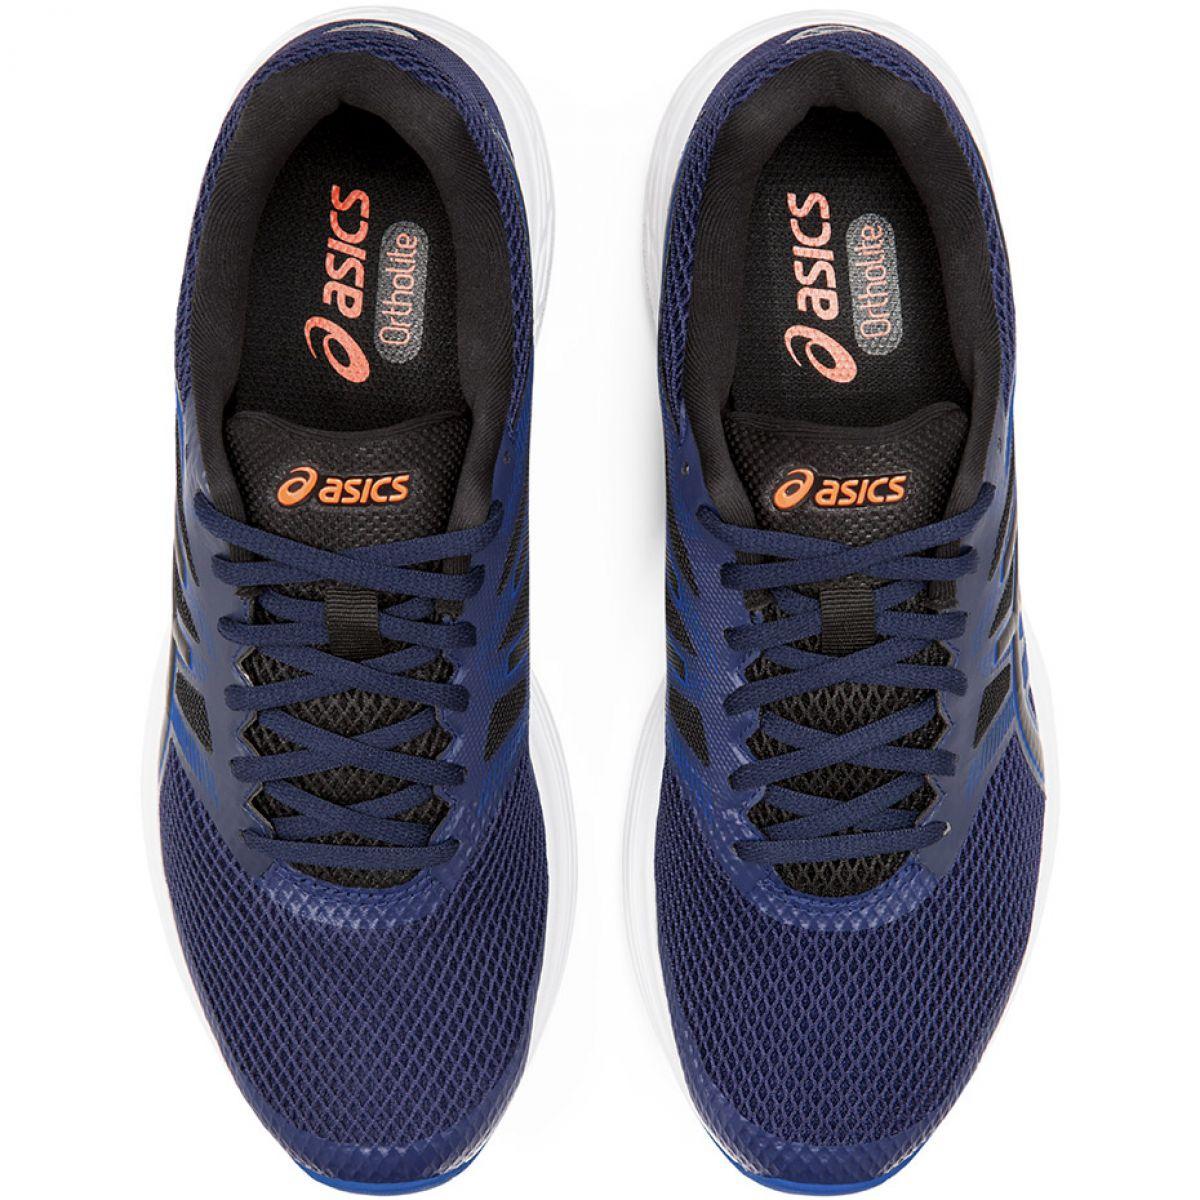 Asics Gel-Exalt 5 M 1011A162 401 running shoes navy blue